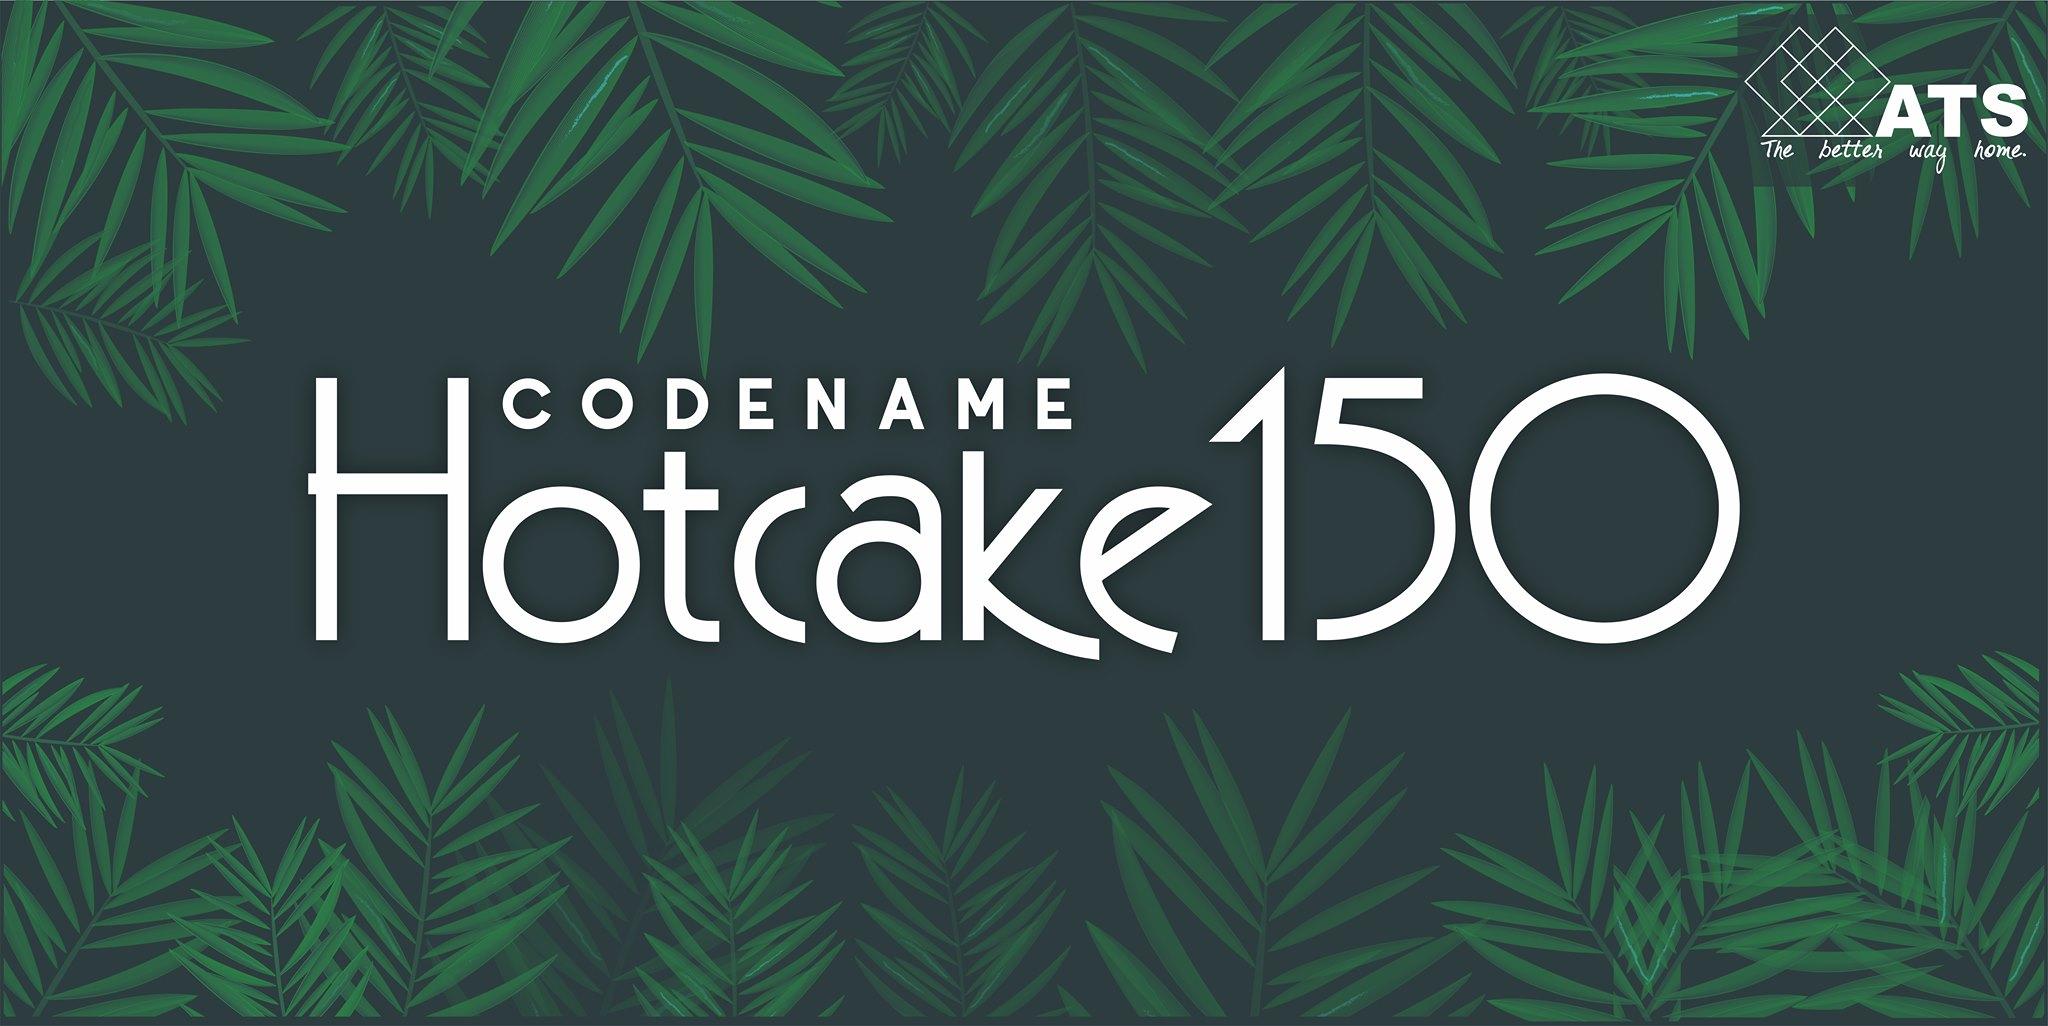 ats Codename Hotcake 150